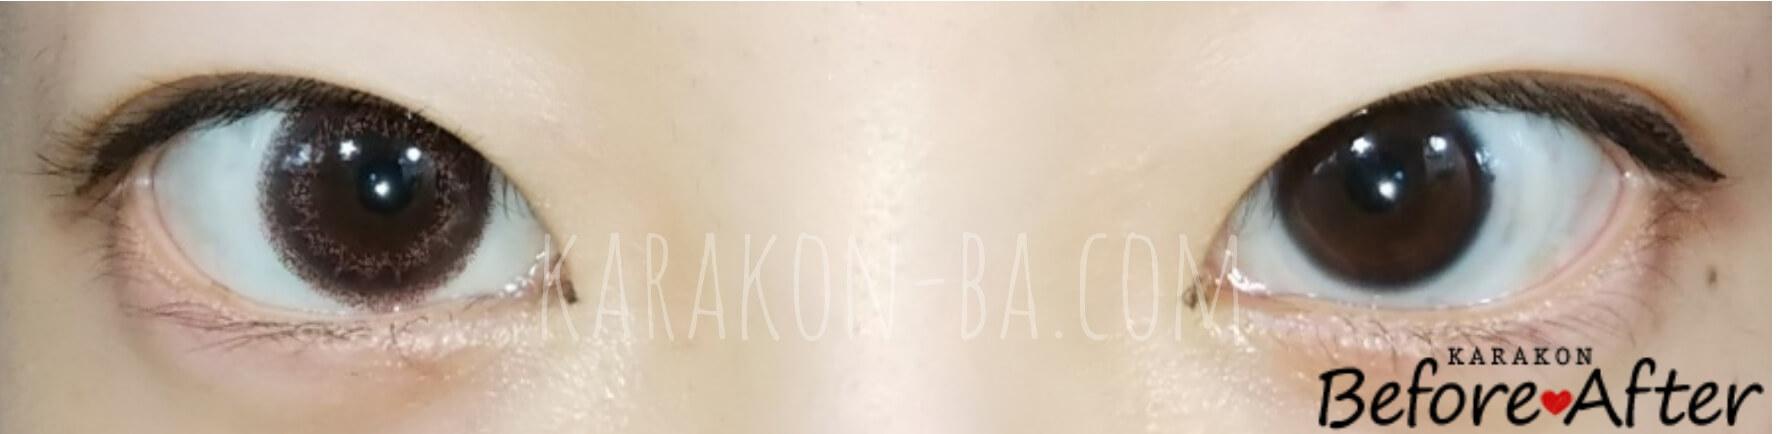 クラシックチークのカラコン装着画像/裸眼と比較